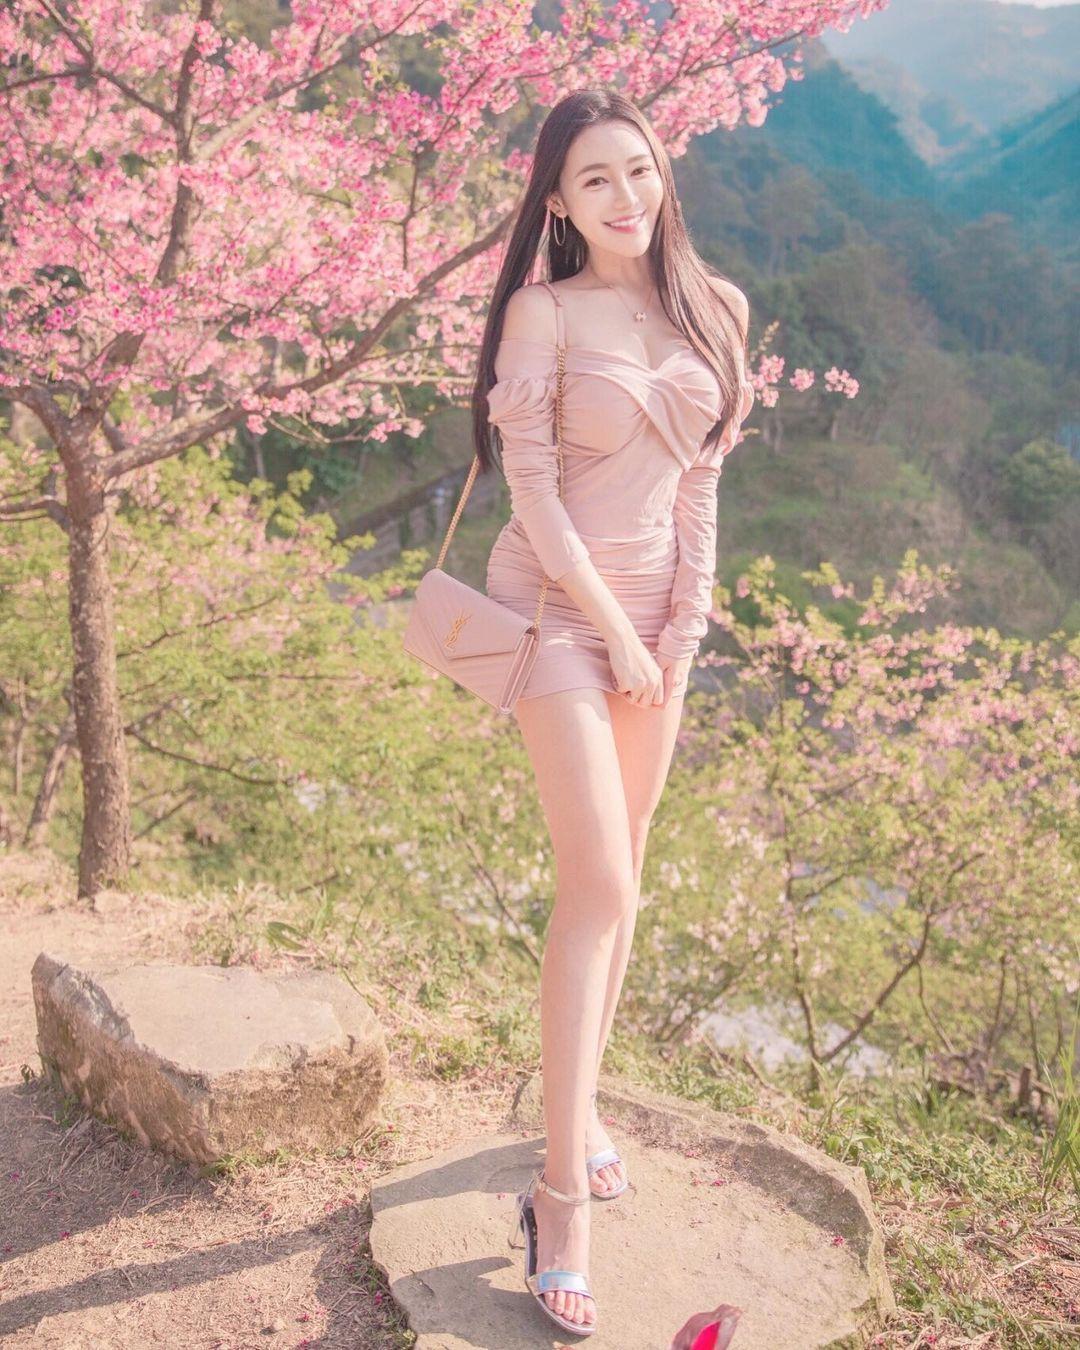 樱花树下出现神之长腿!「莉薇Livia」阳光笑颜比花还耀眼!-新图包